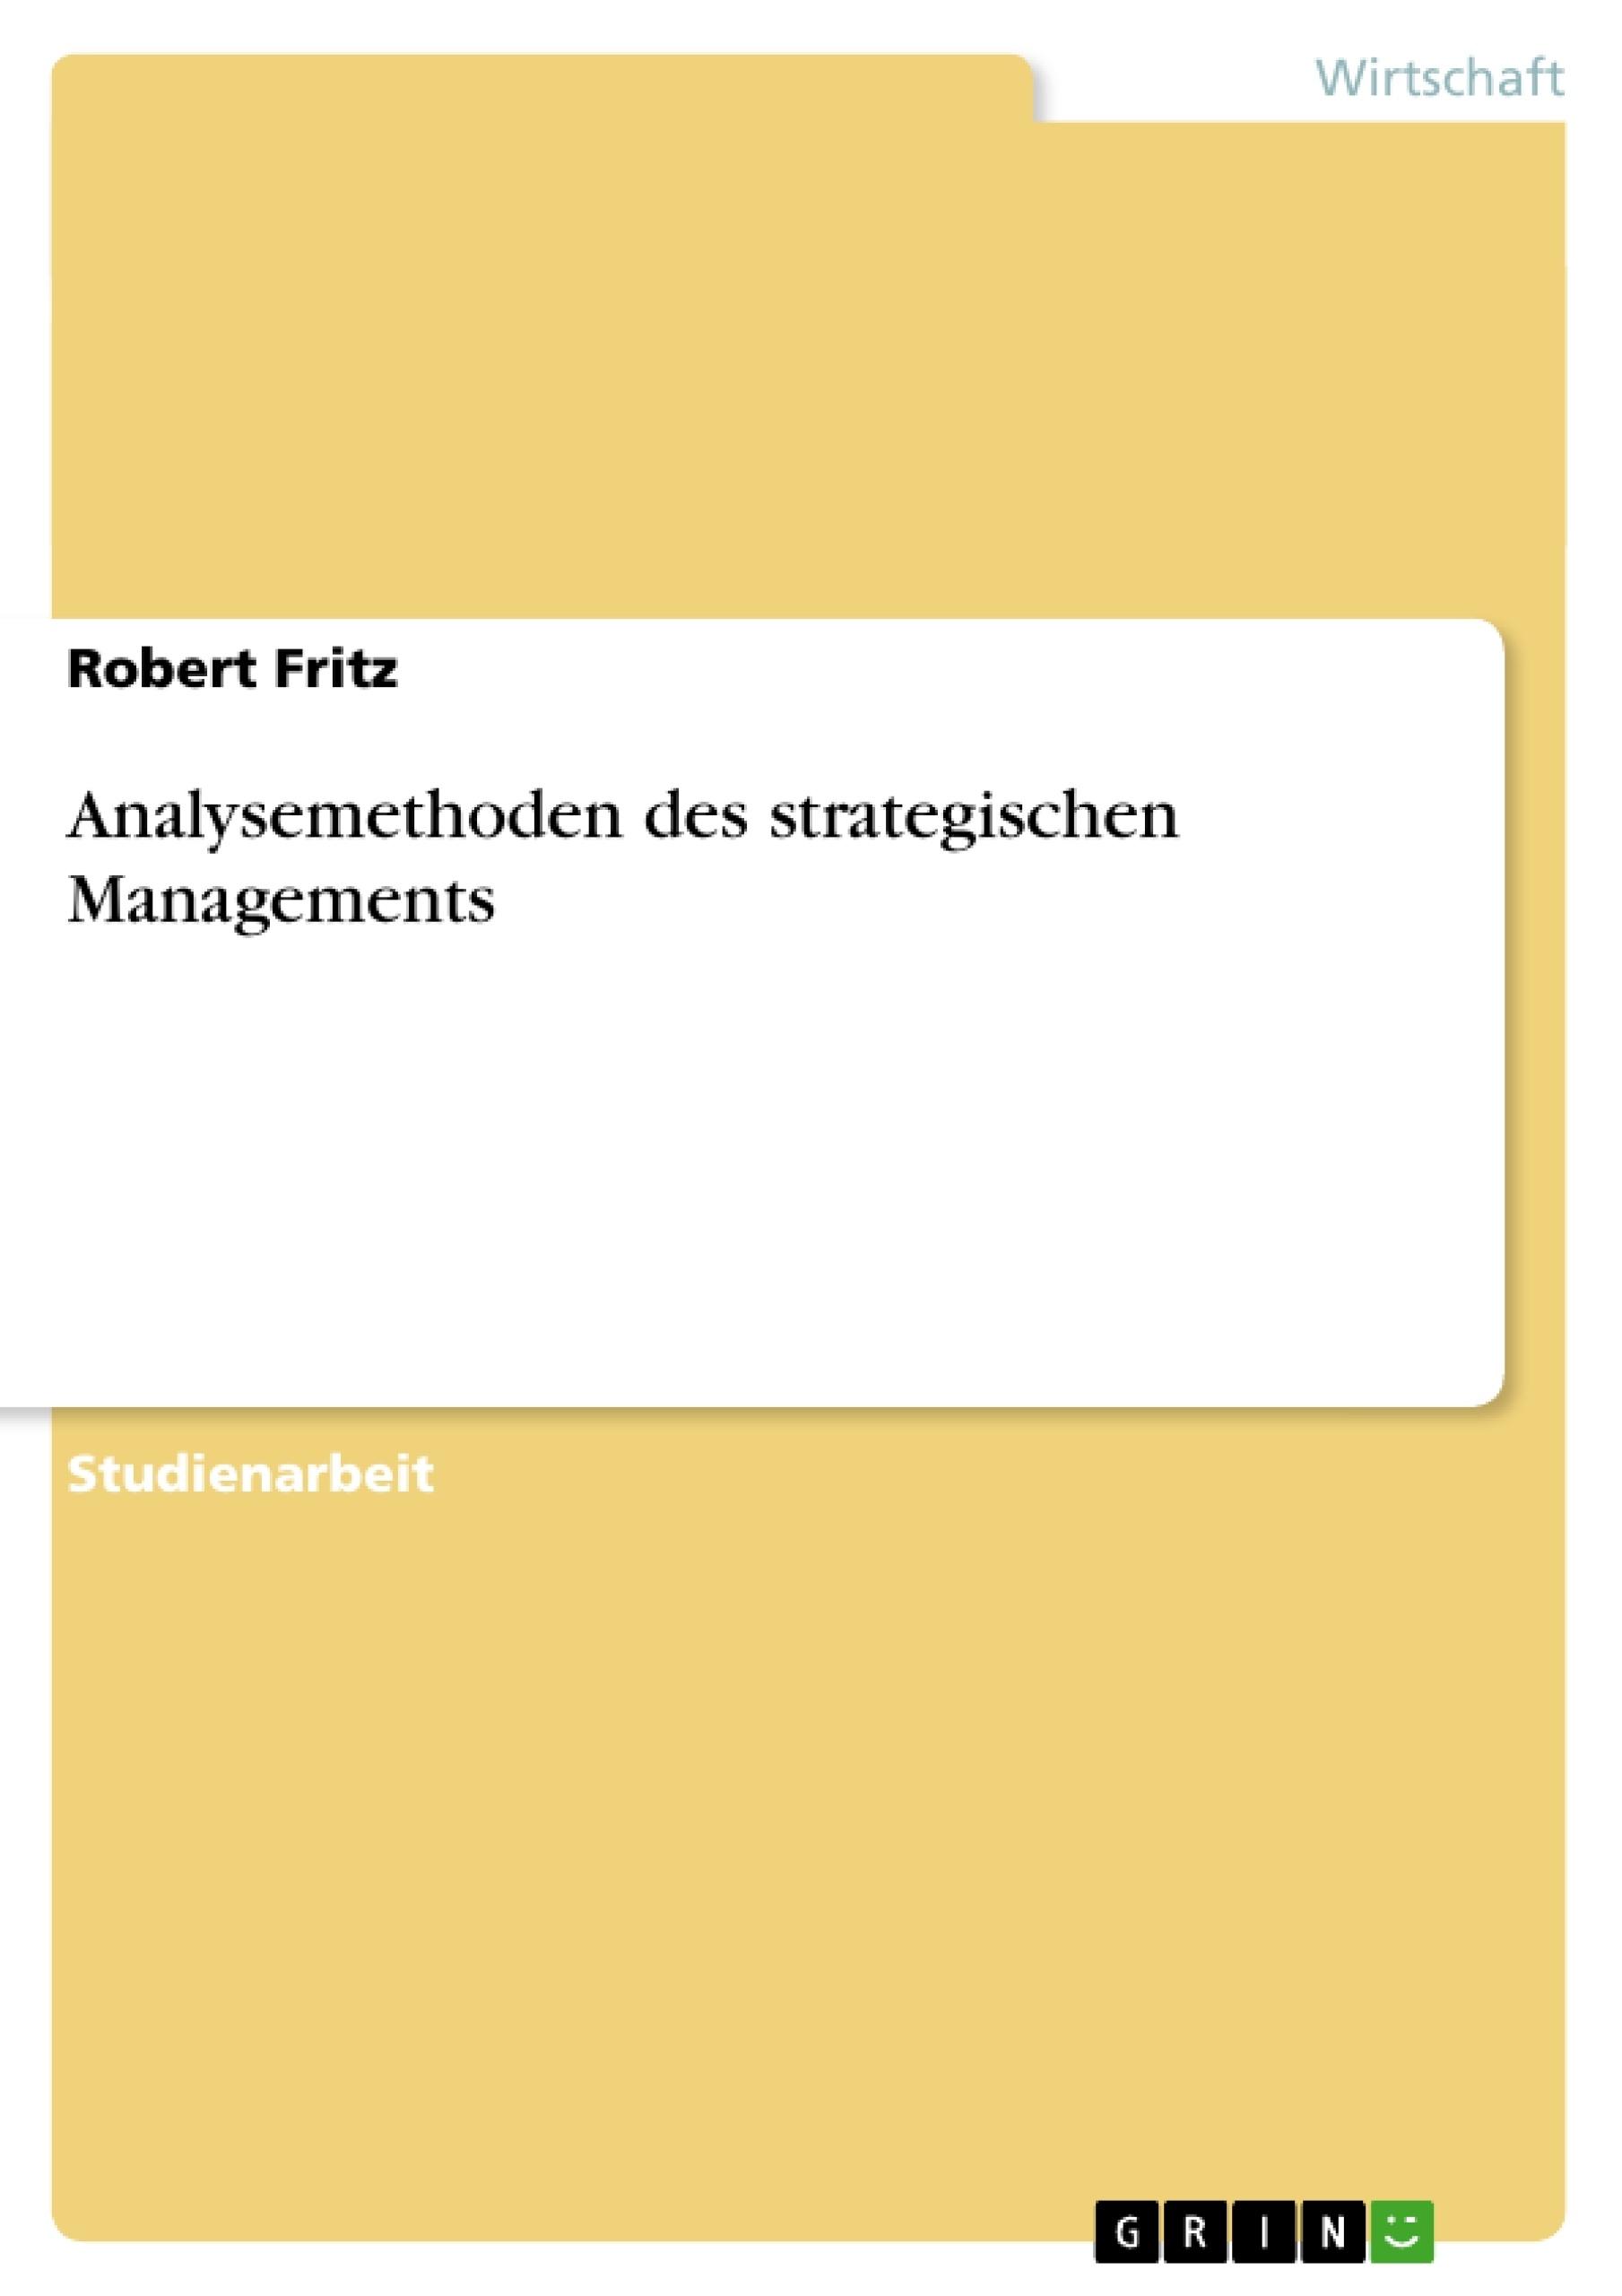 Titel: Analysemethoden des strategischen Managements